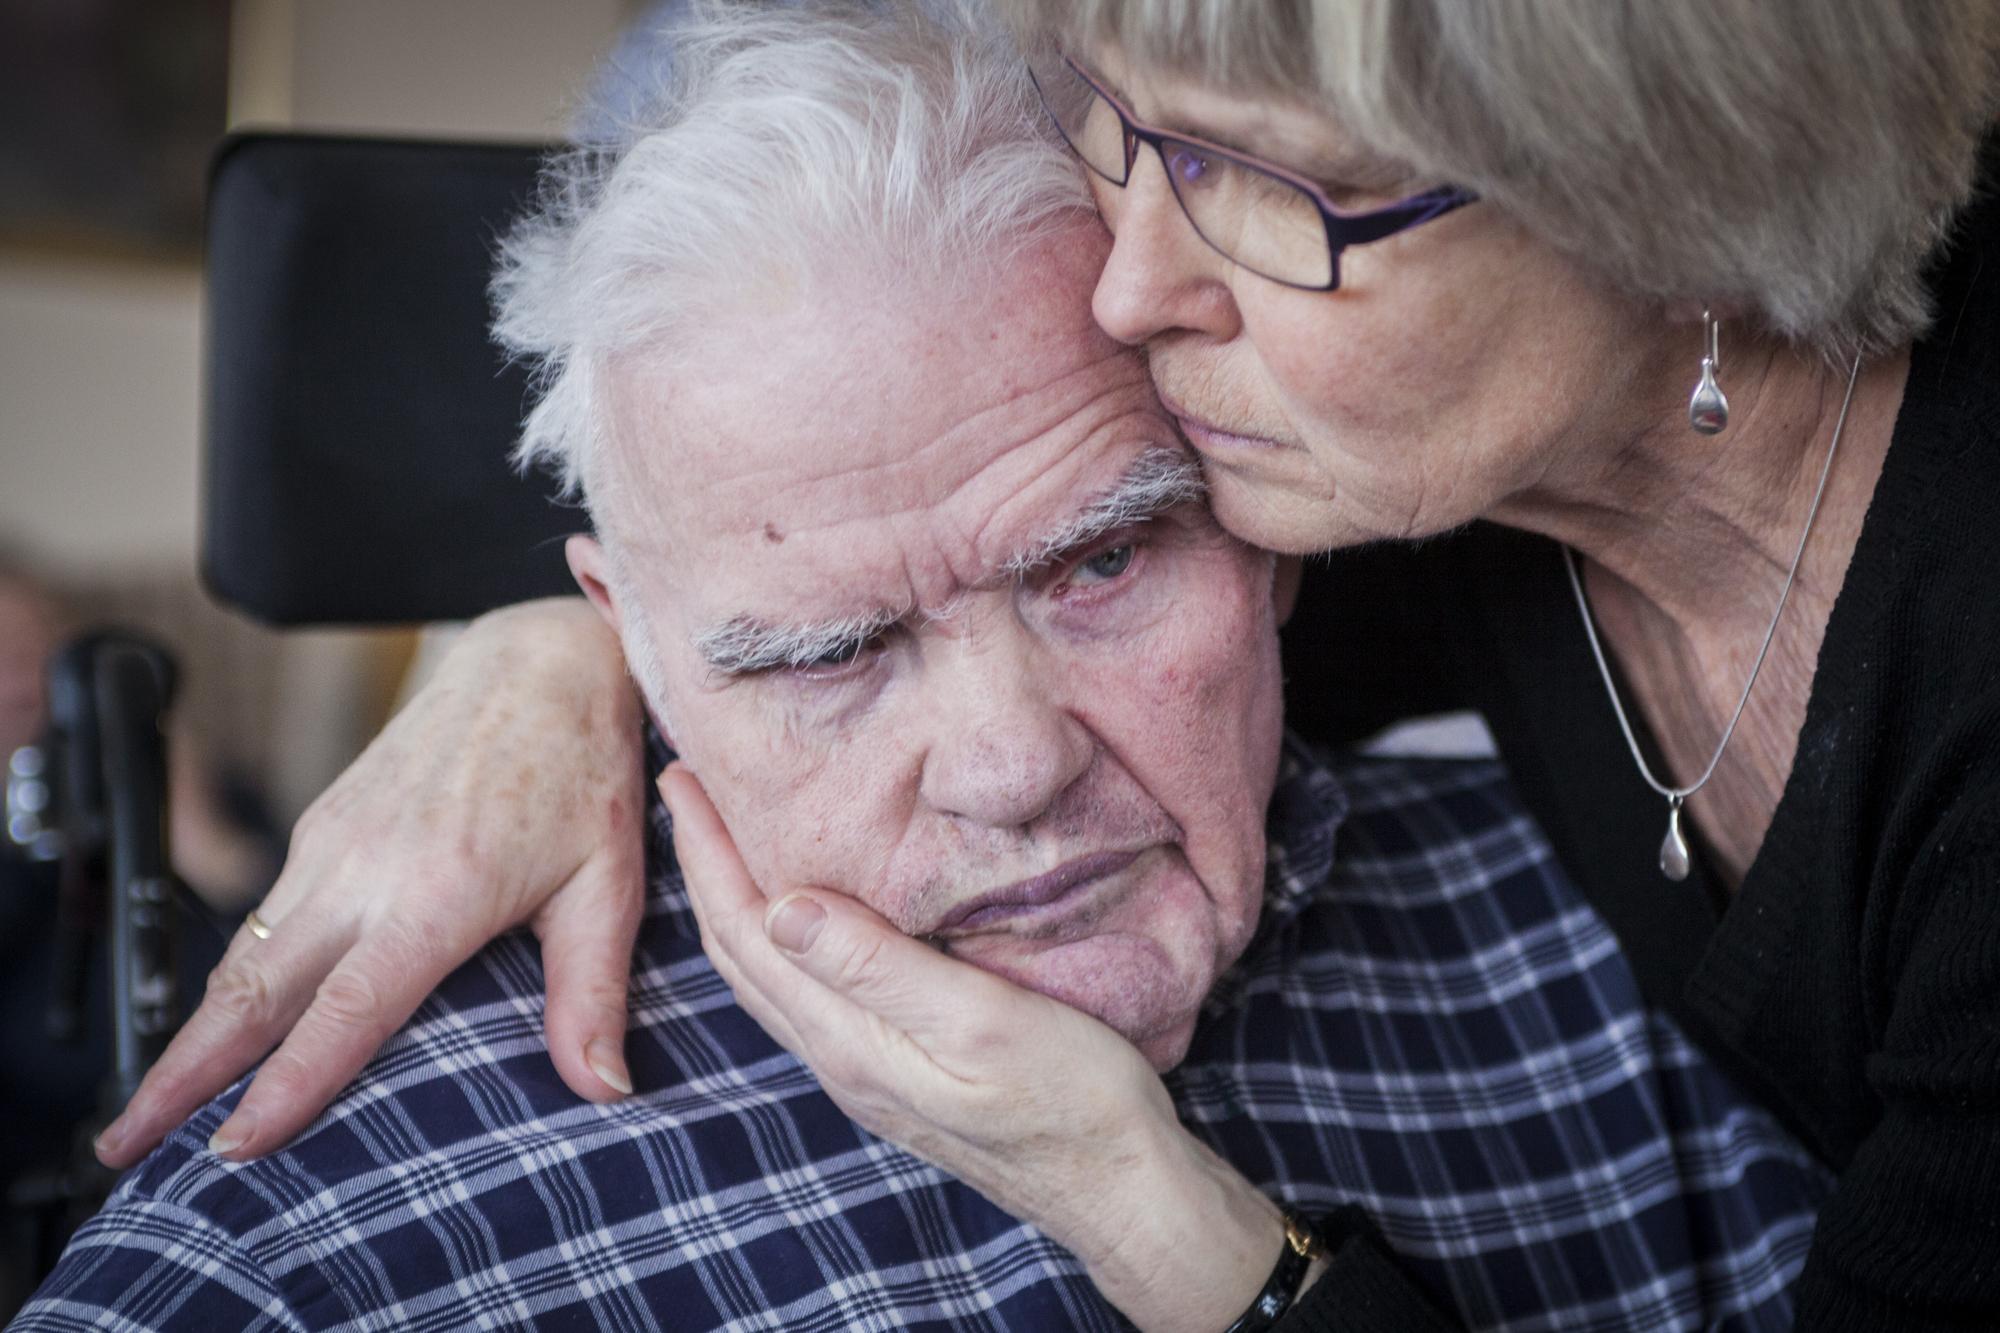 Alzheimers sykdom:   Det er normalt å glemme et gjøremål, en tidsfrist eller navnet til en kollega. Hyppig glemsomhet eller uforklarlig forvirring hjemme eller på arbeidsplassen kan være et tegn på at noe er galt.